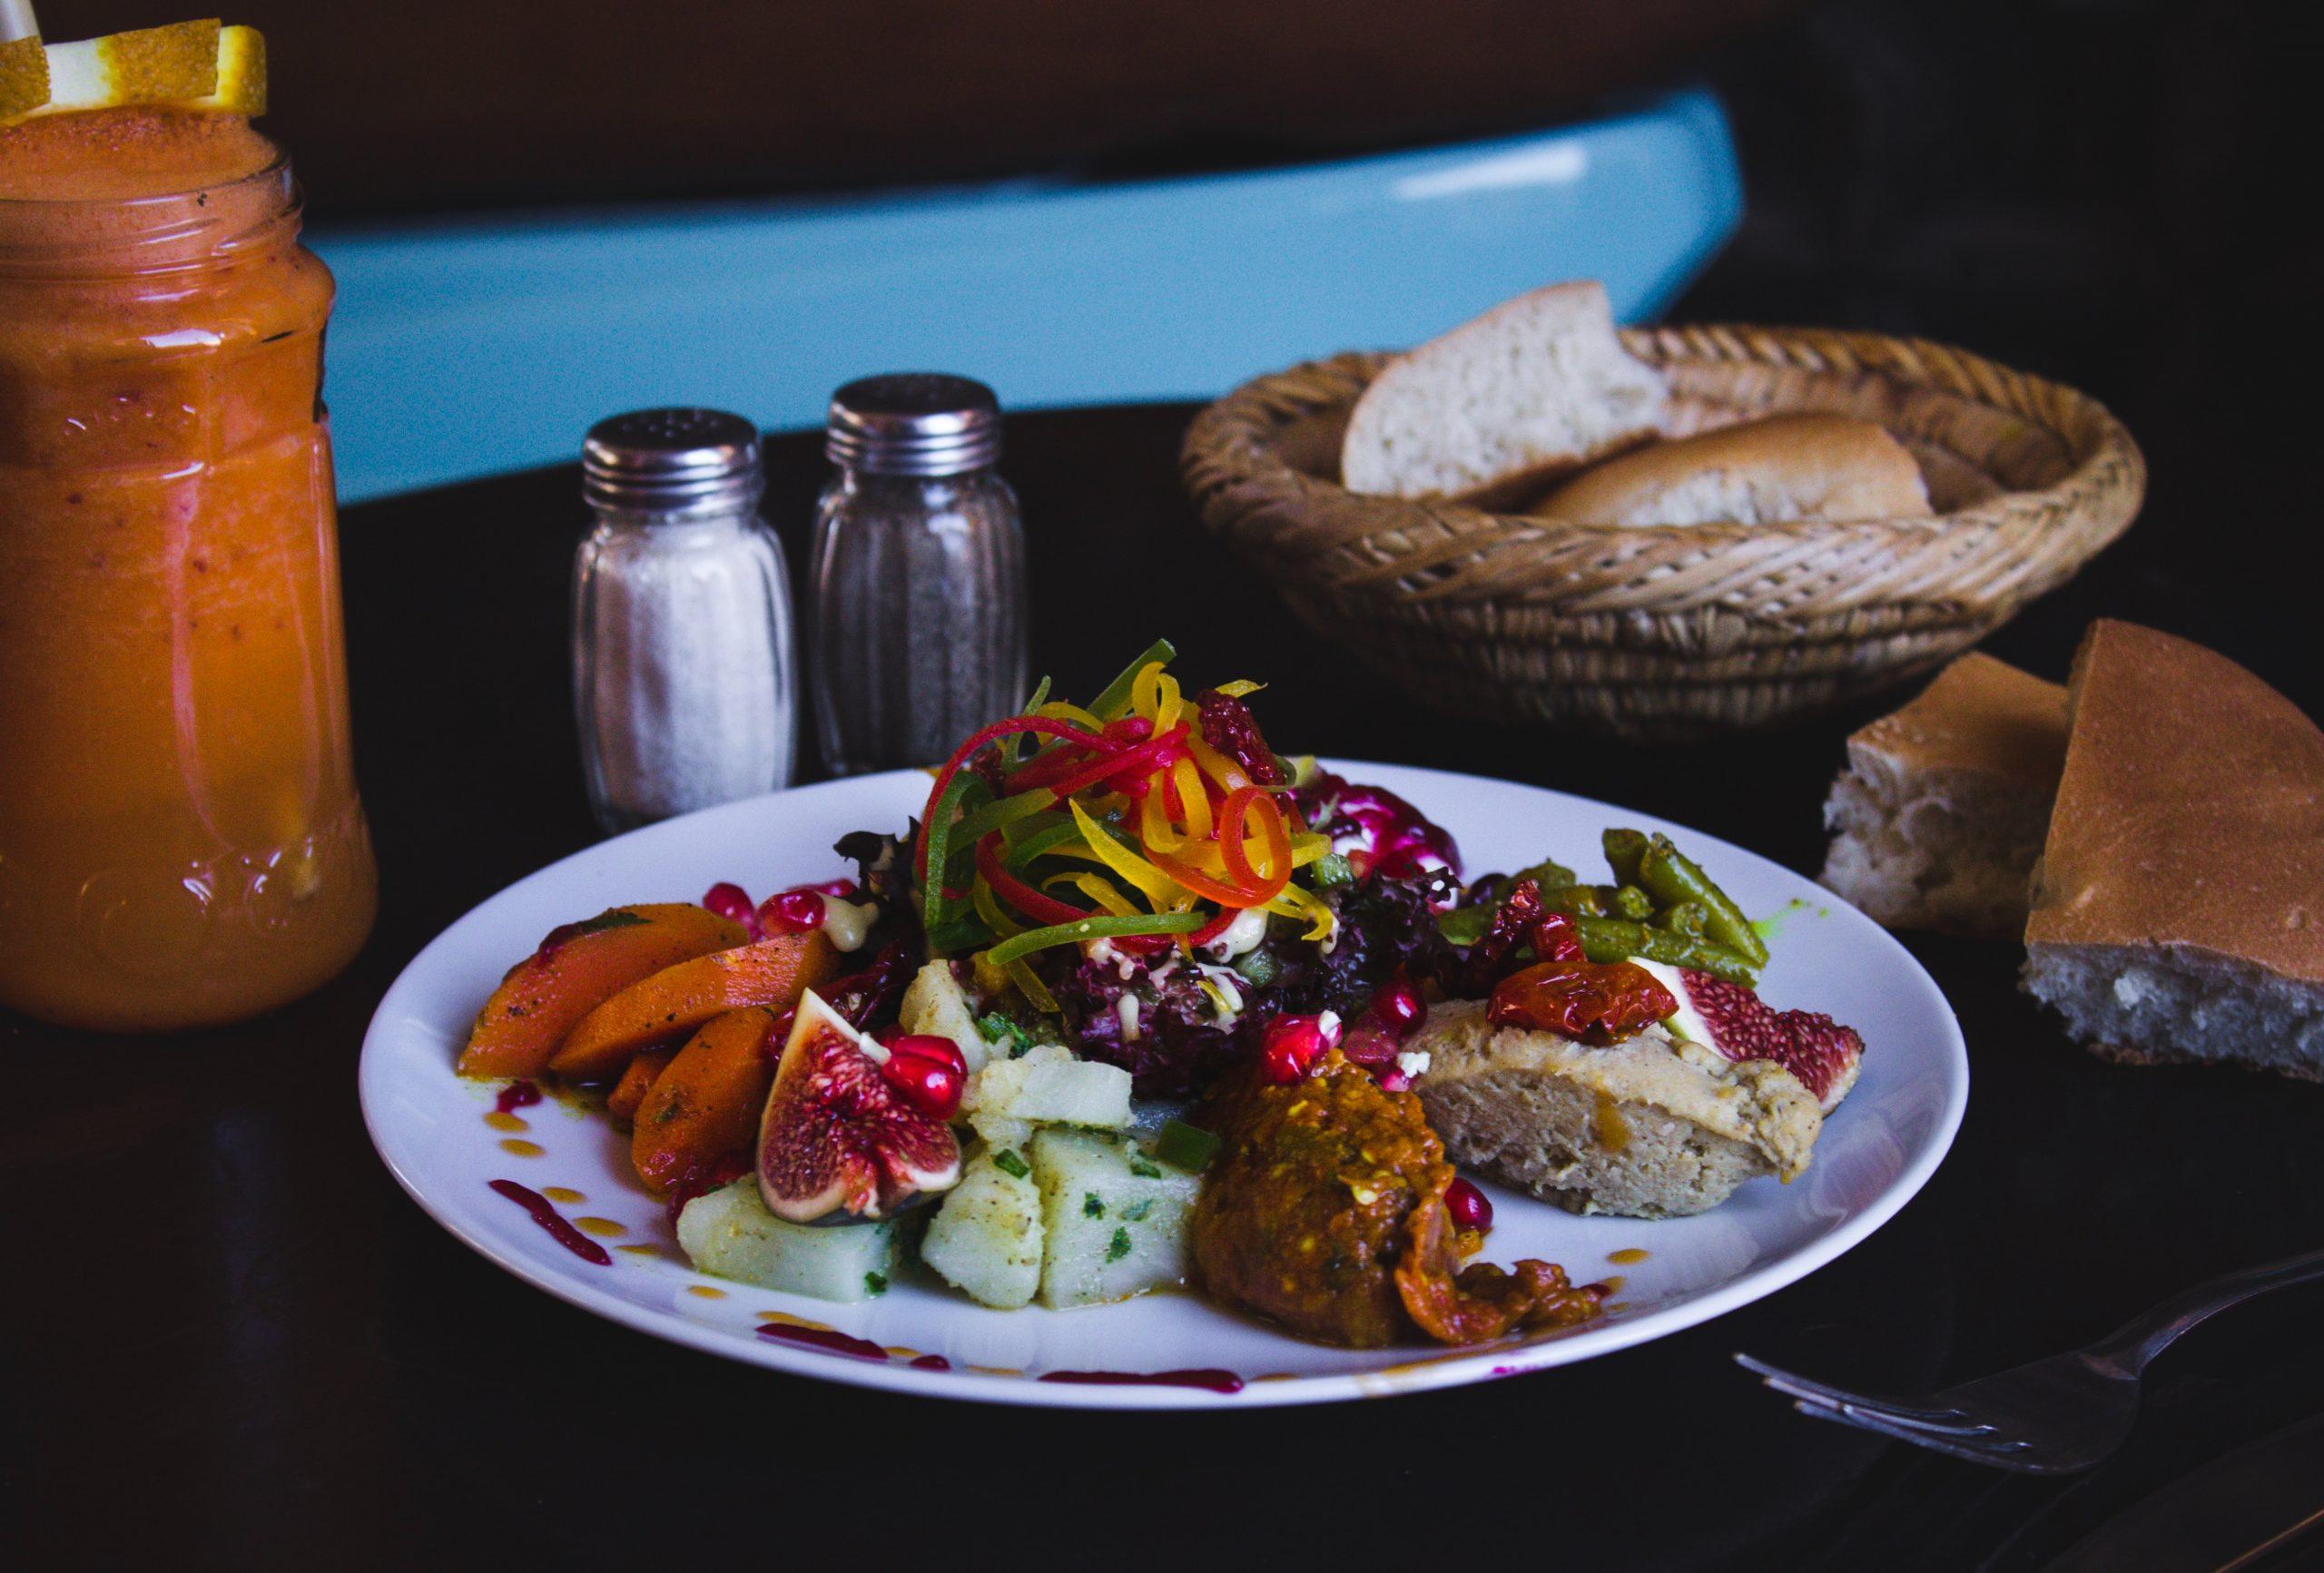 Los alimentos sanos de la dieta mediterránea nos ayudan a mantenernos en nuestro peso ideal. /Unsplash